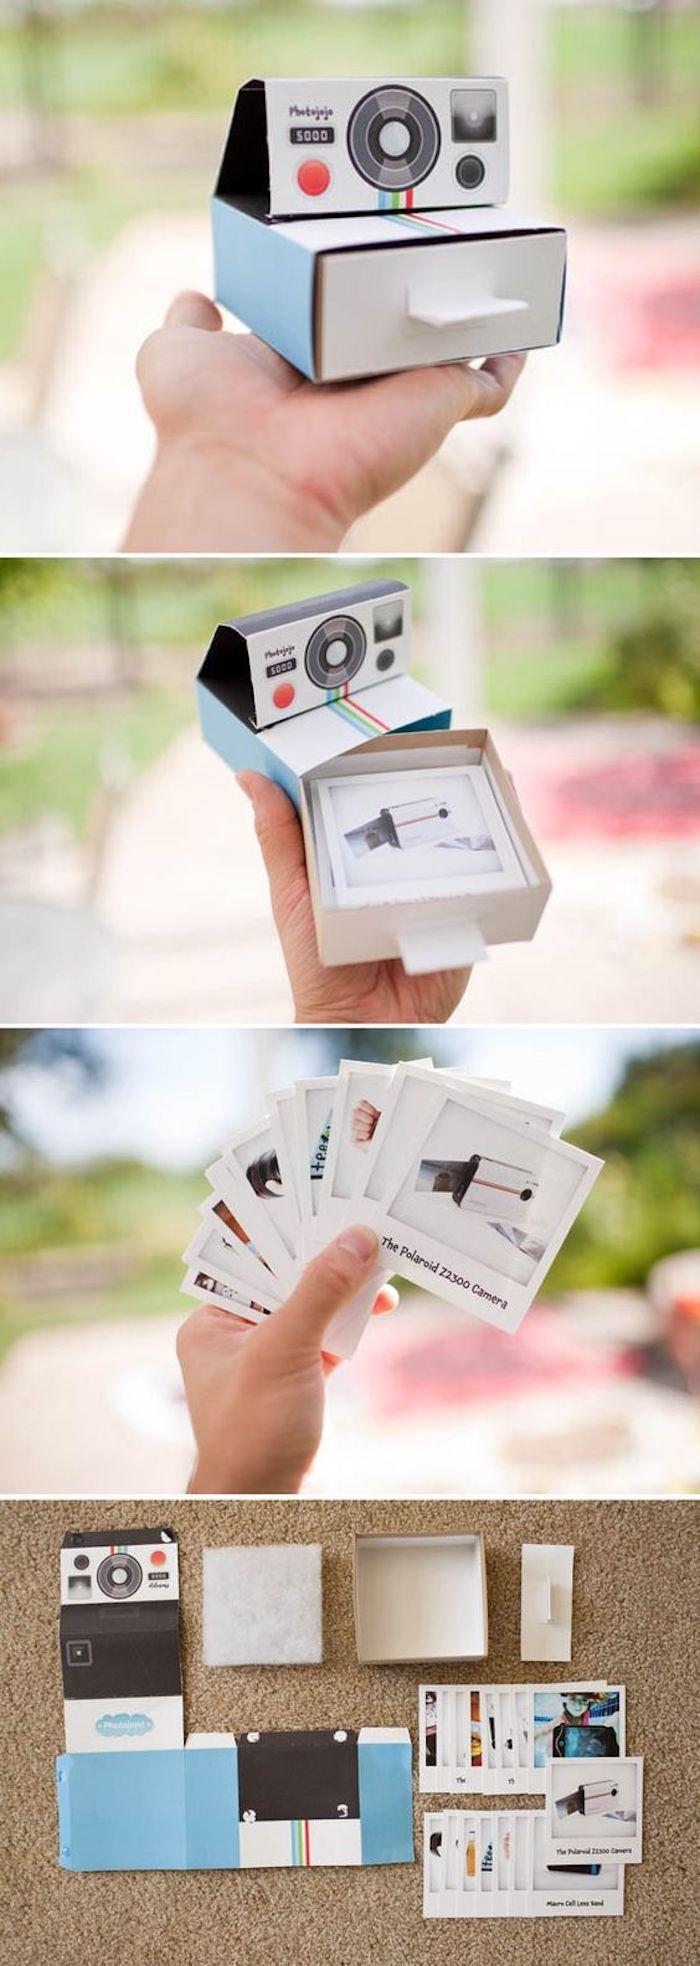 Schachtelvorlage wie einem alten Fotoapparat eine Schachtel zu basteln